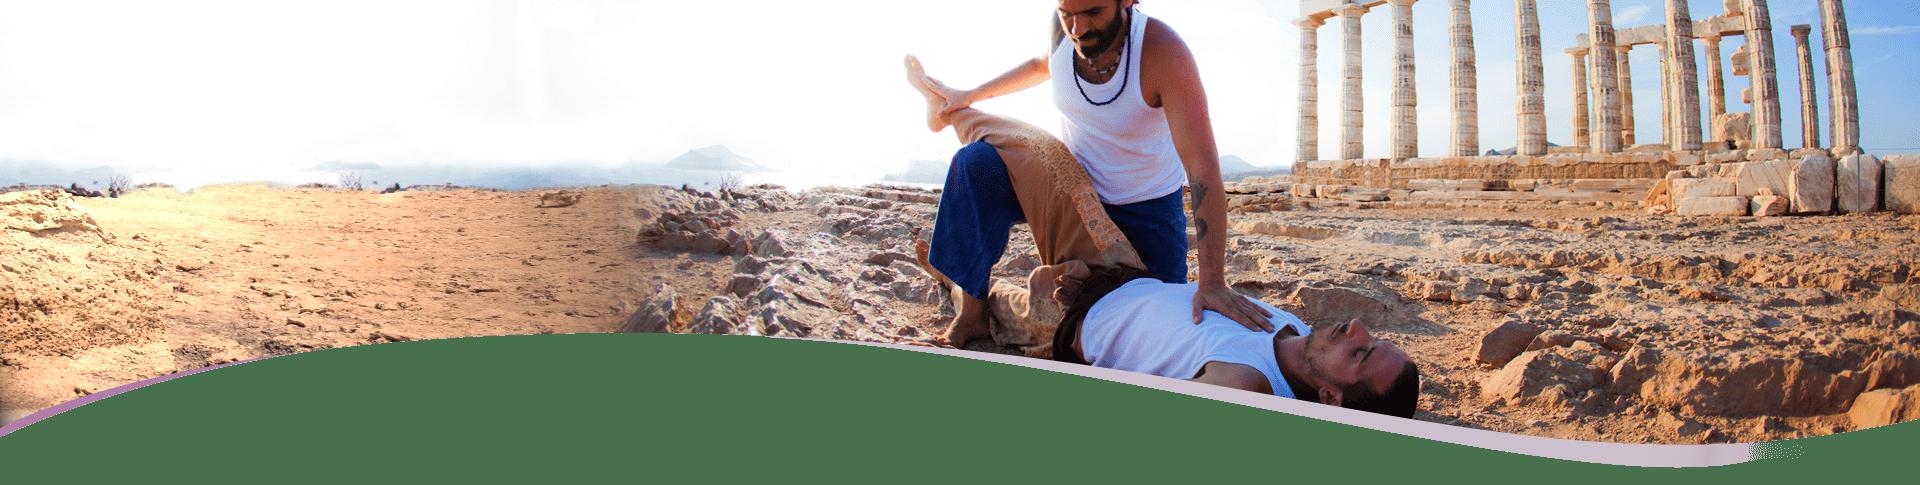 Two men practice yoga on tough ground